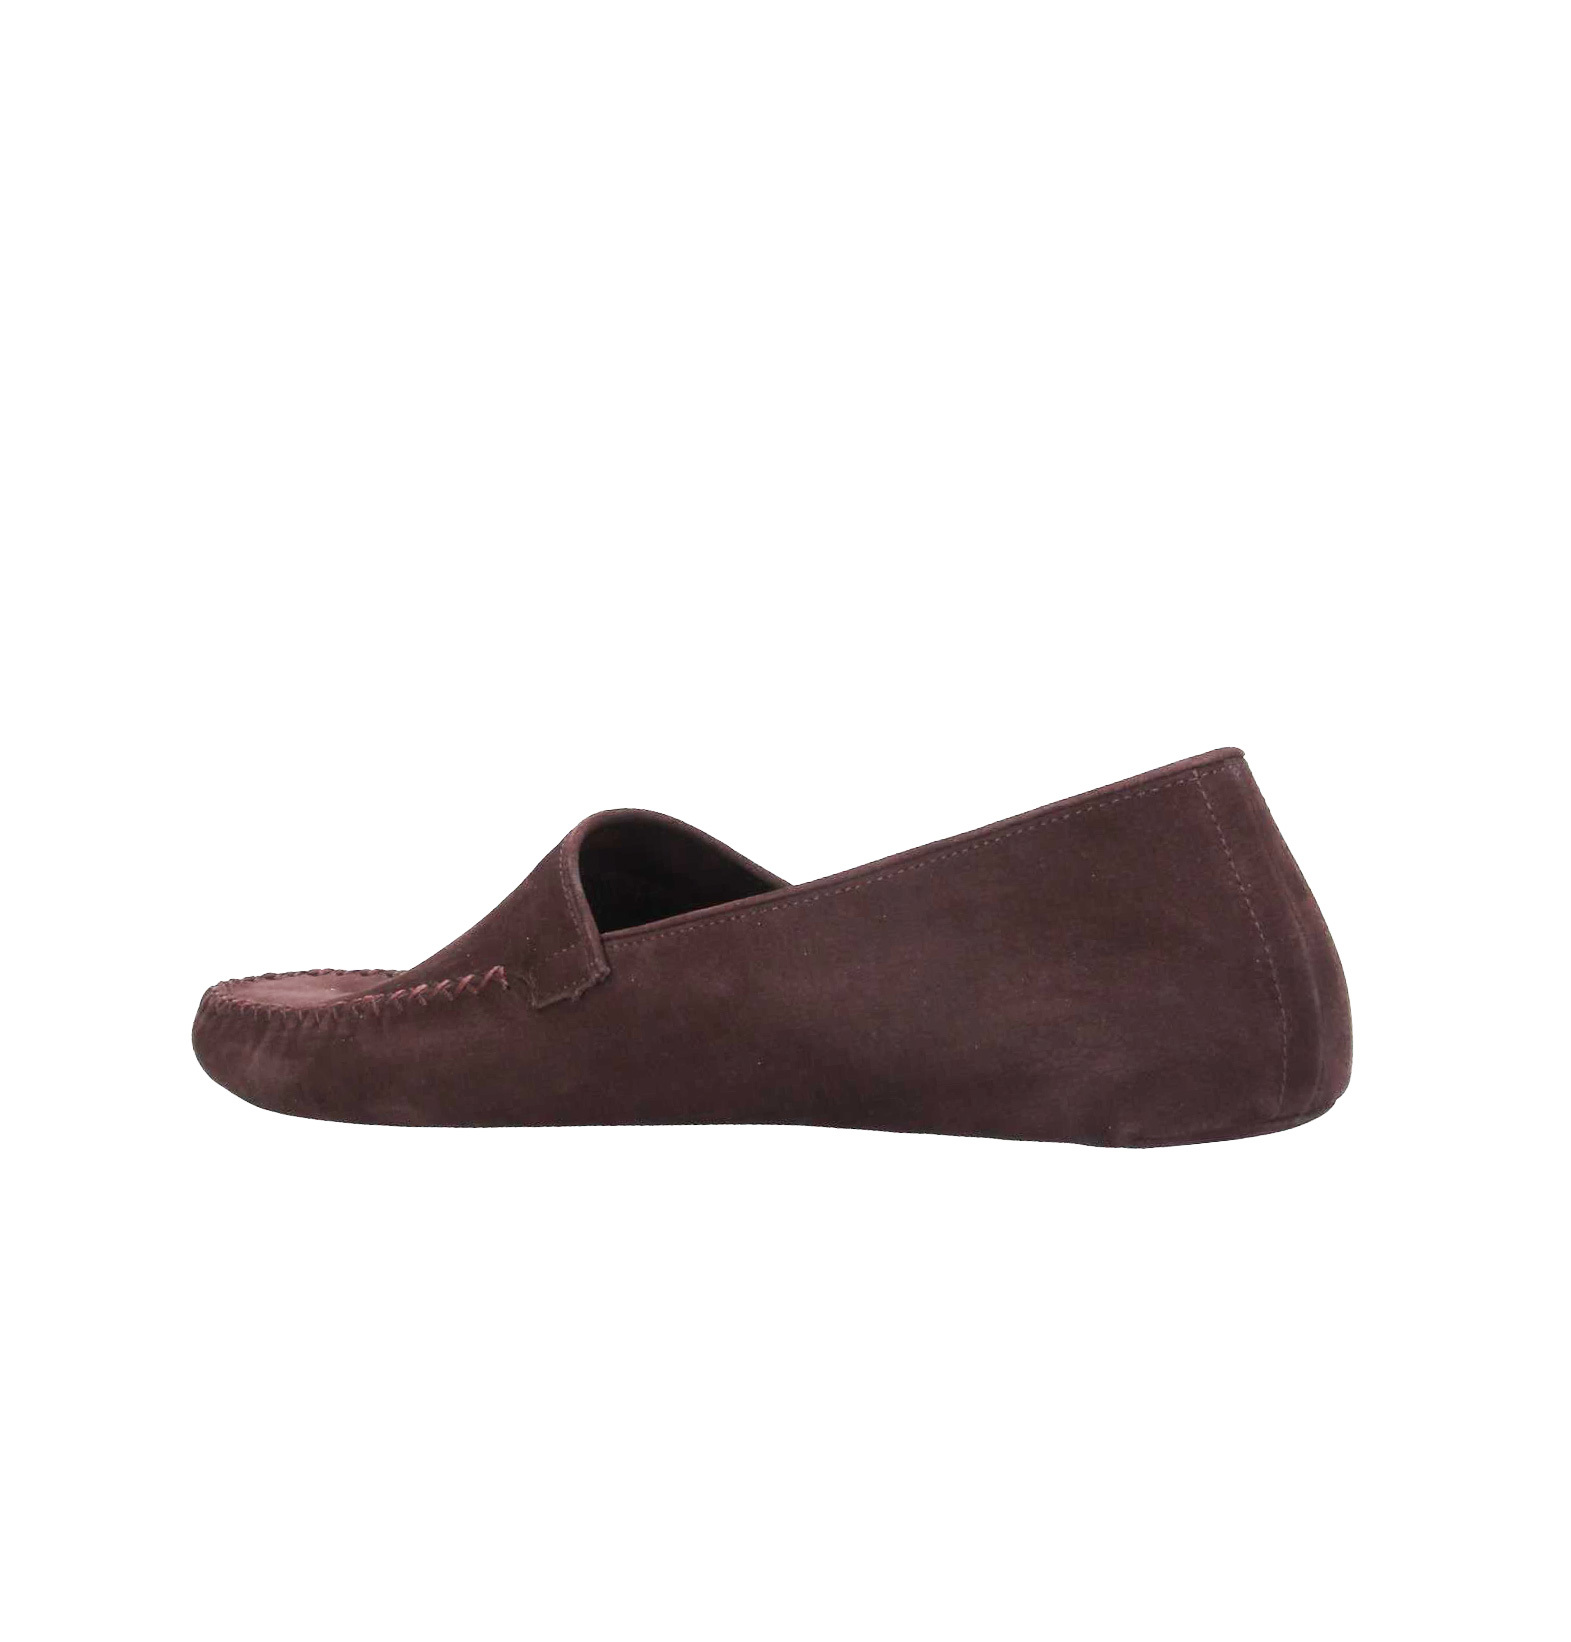 Тёмно-коричневые кожаные мягчайшие домашние мокасины-тапочки Luciano Padovan Made in Italy